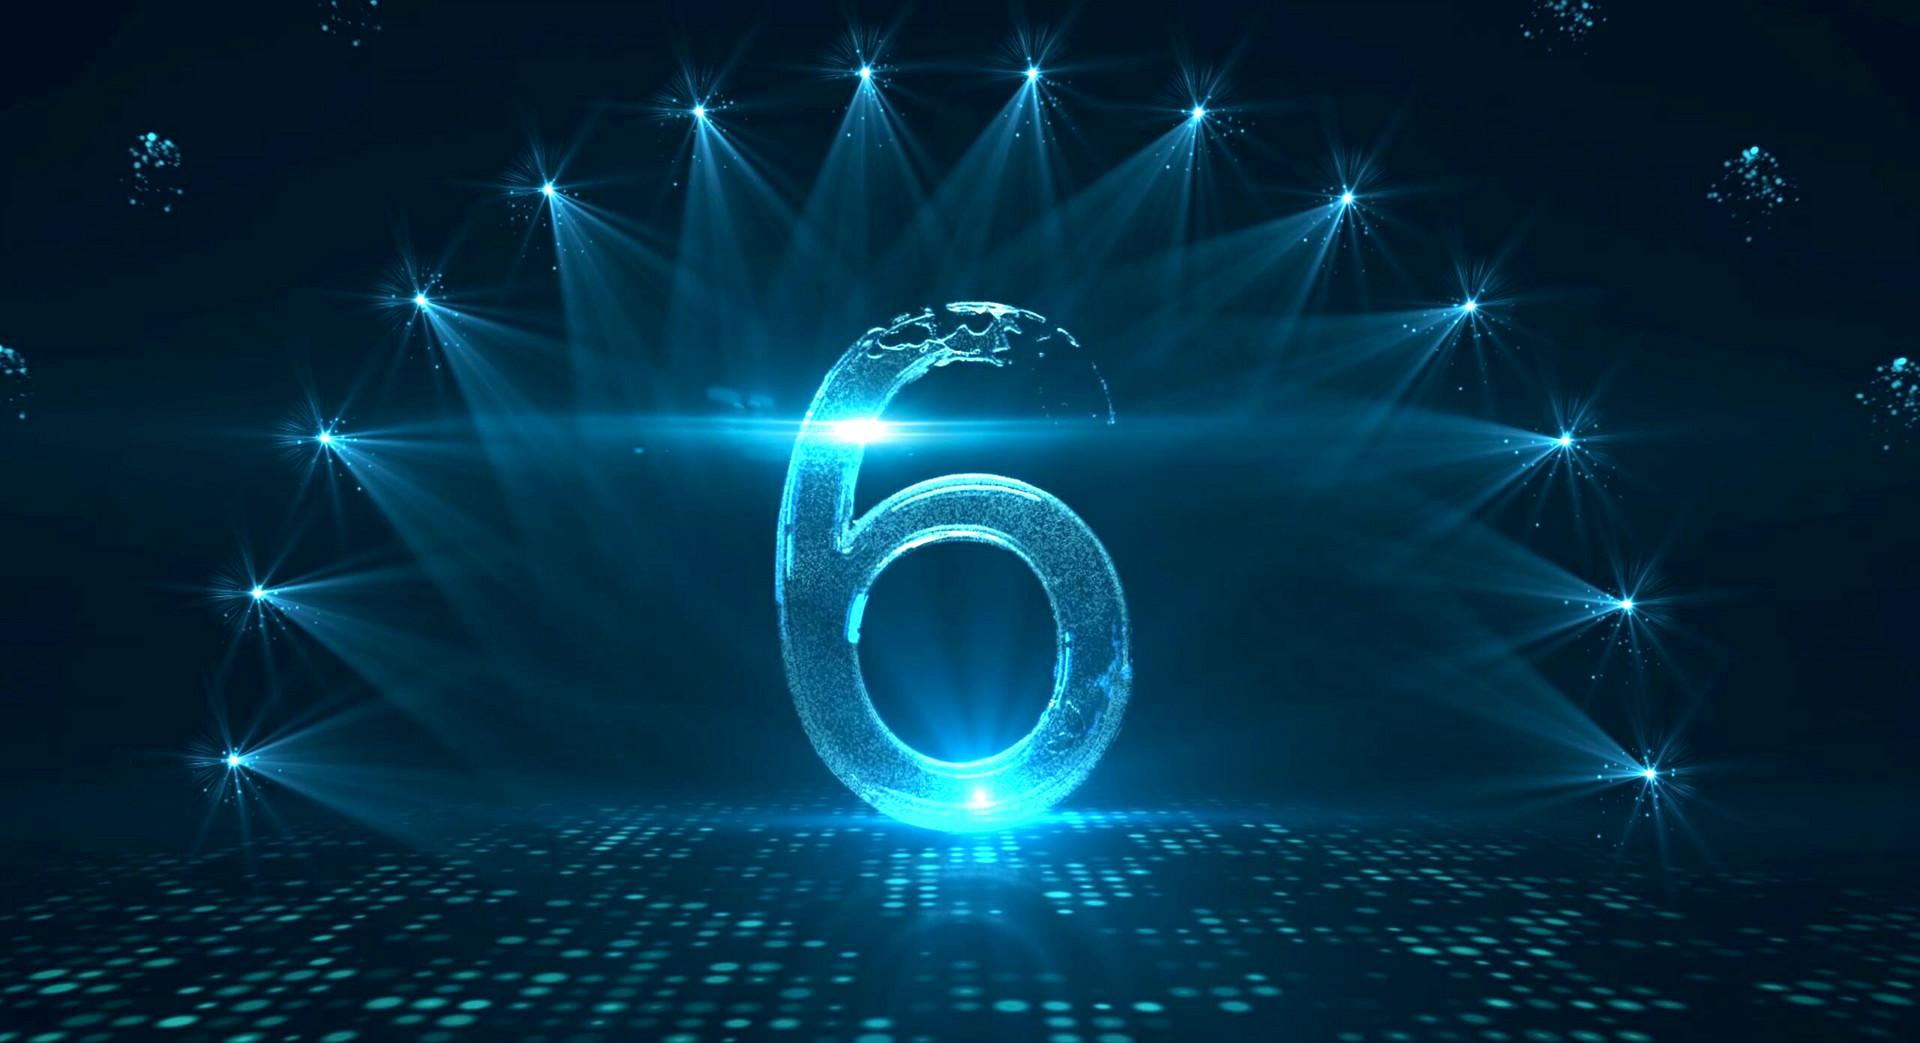 半年六榜 | 安华金和入选《2020年中国网络安全市场全景图》